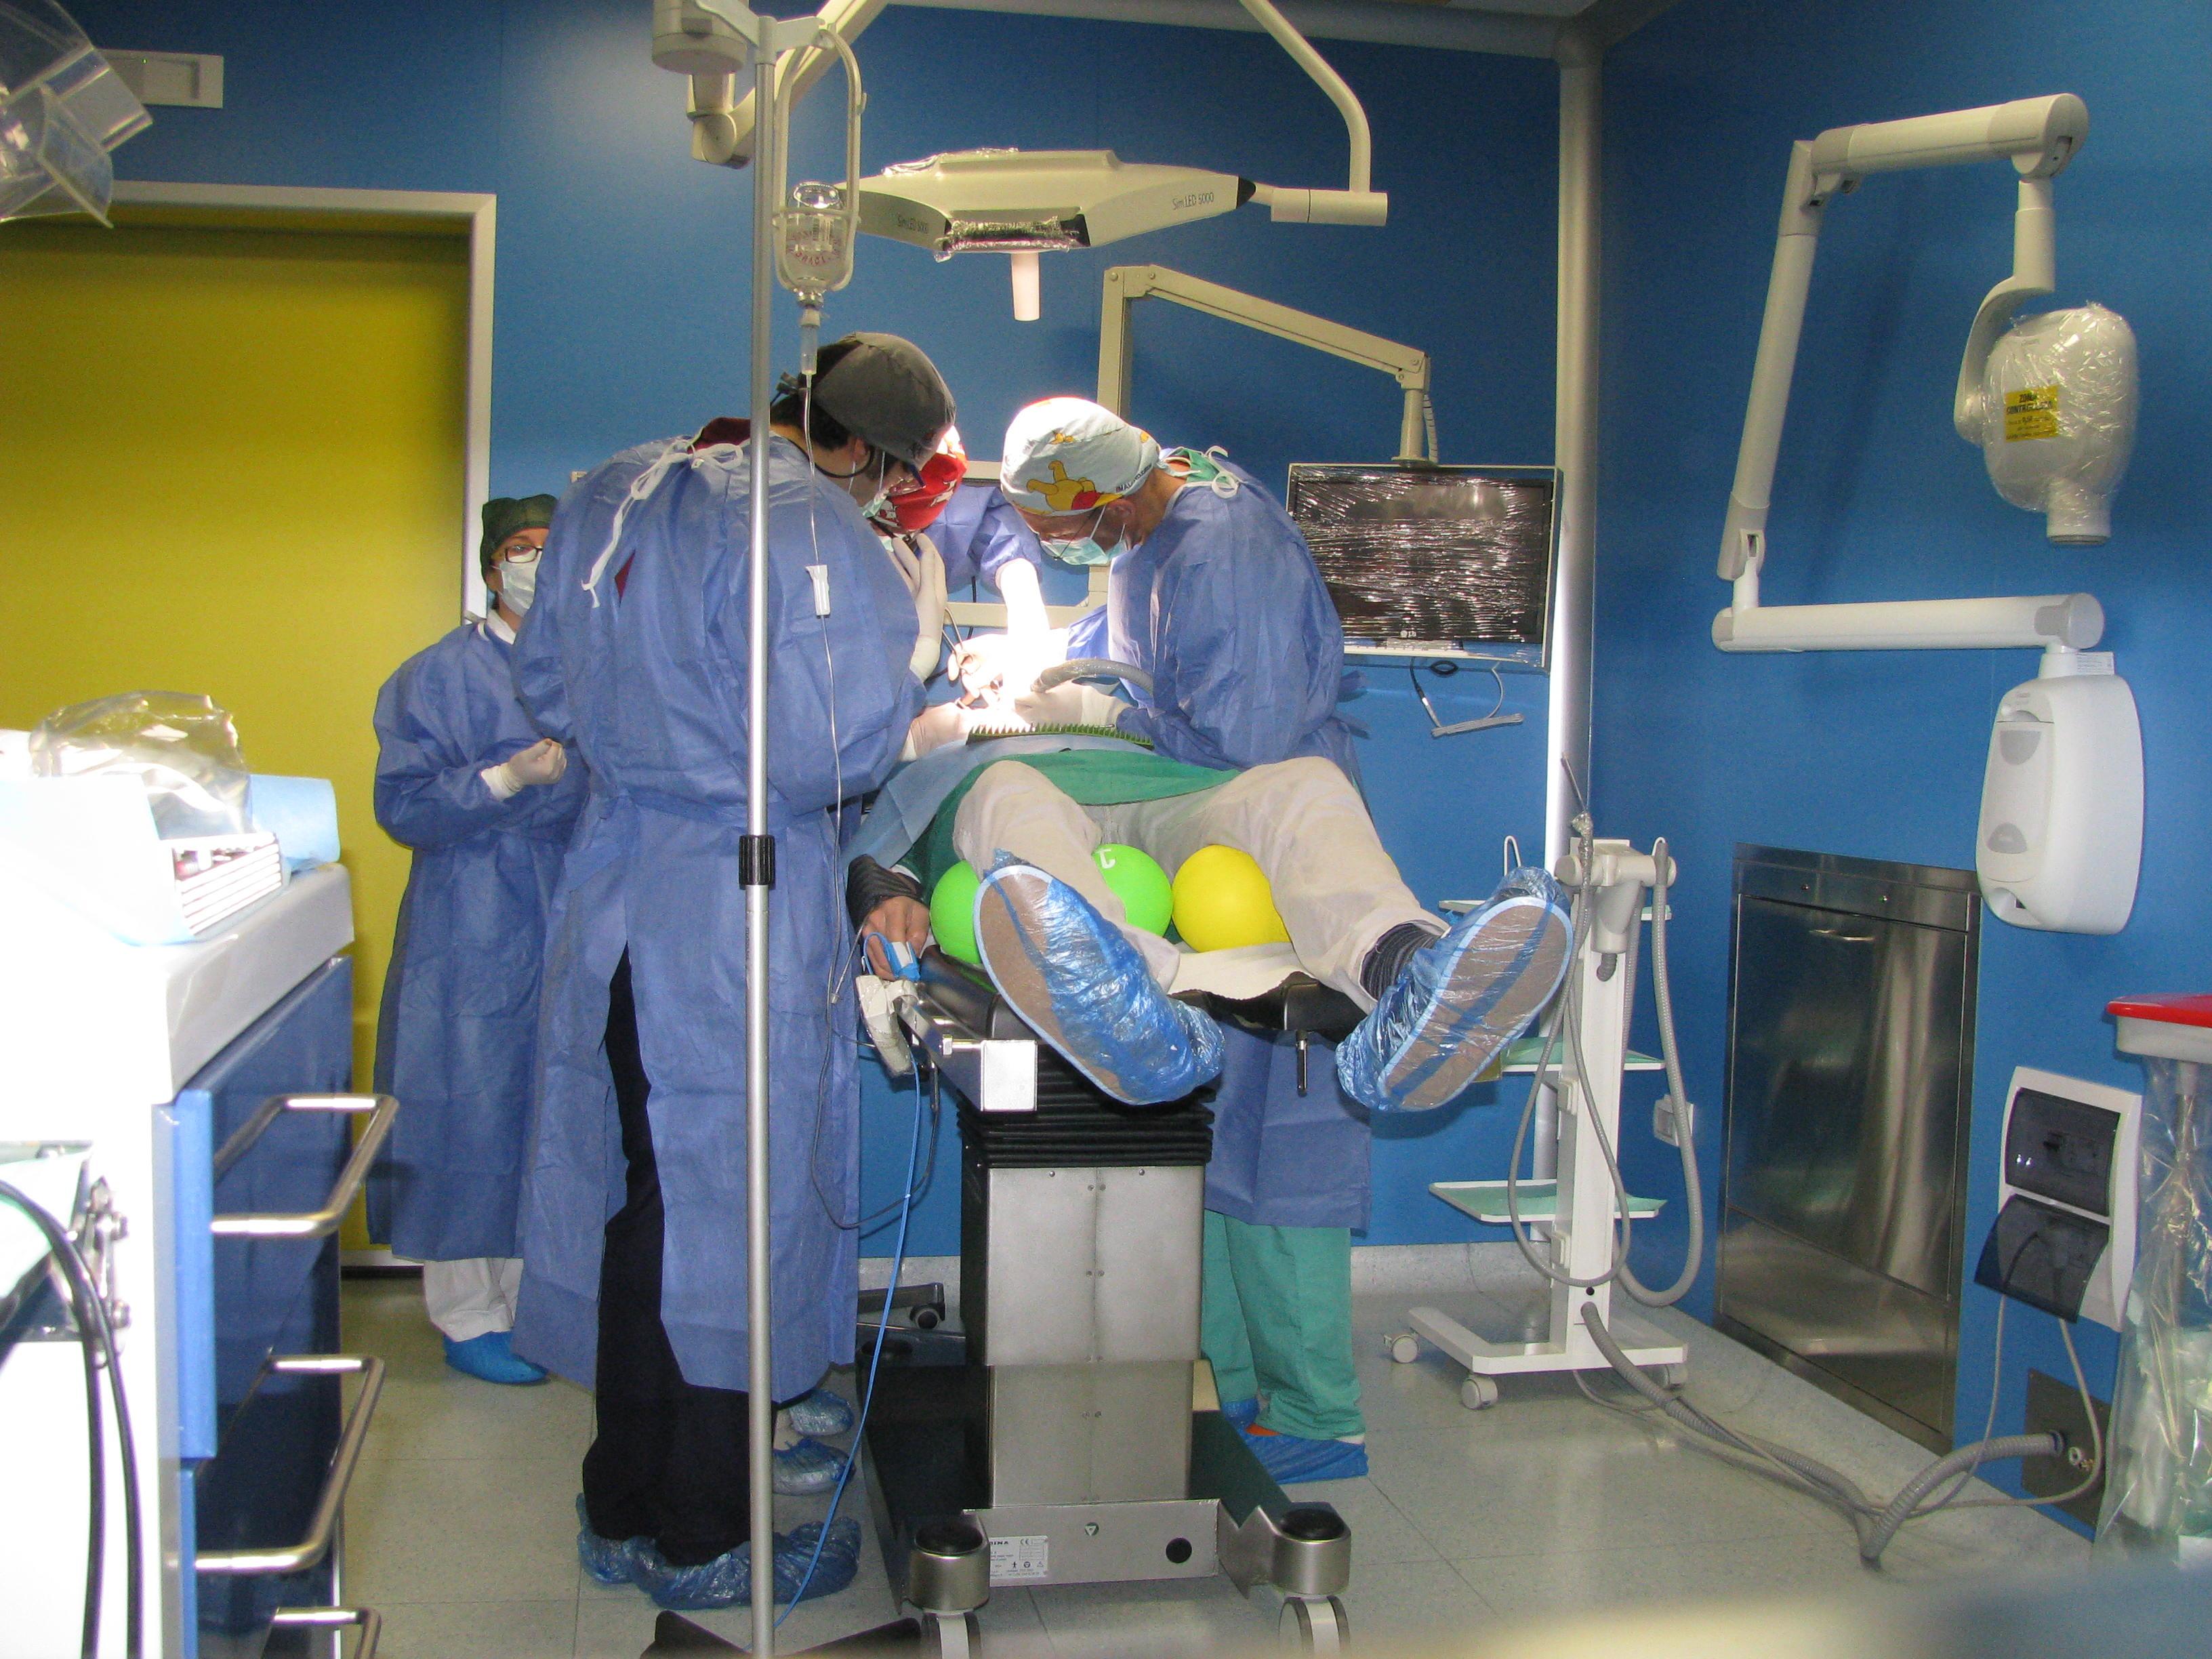 Foto 13 Equipe in sala operatoria